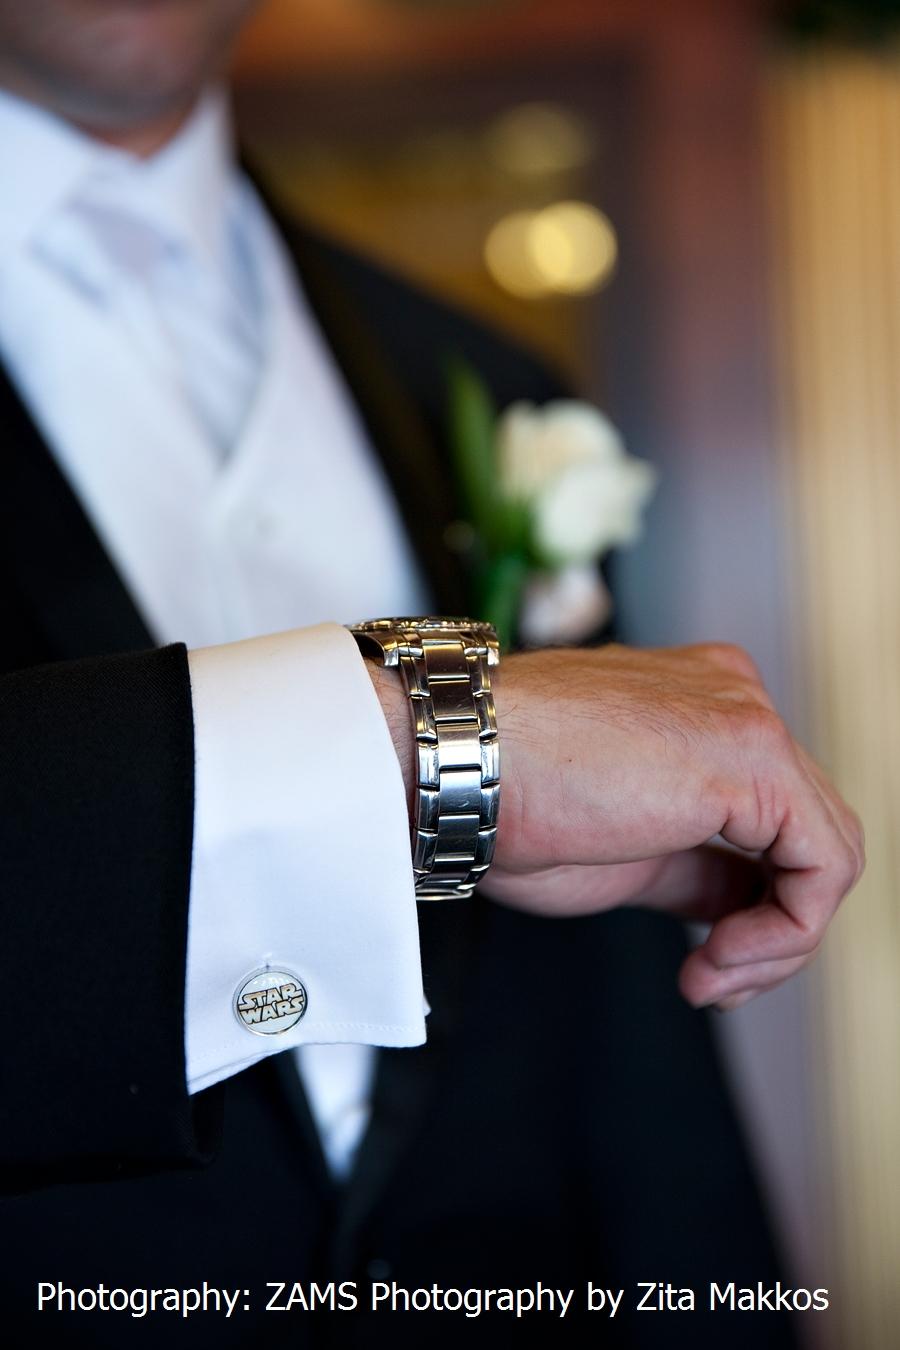 fear_loathing_cuff_links_men_wedding_groomsmen_cufflinks_2.jpg